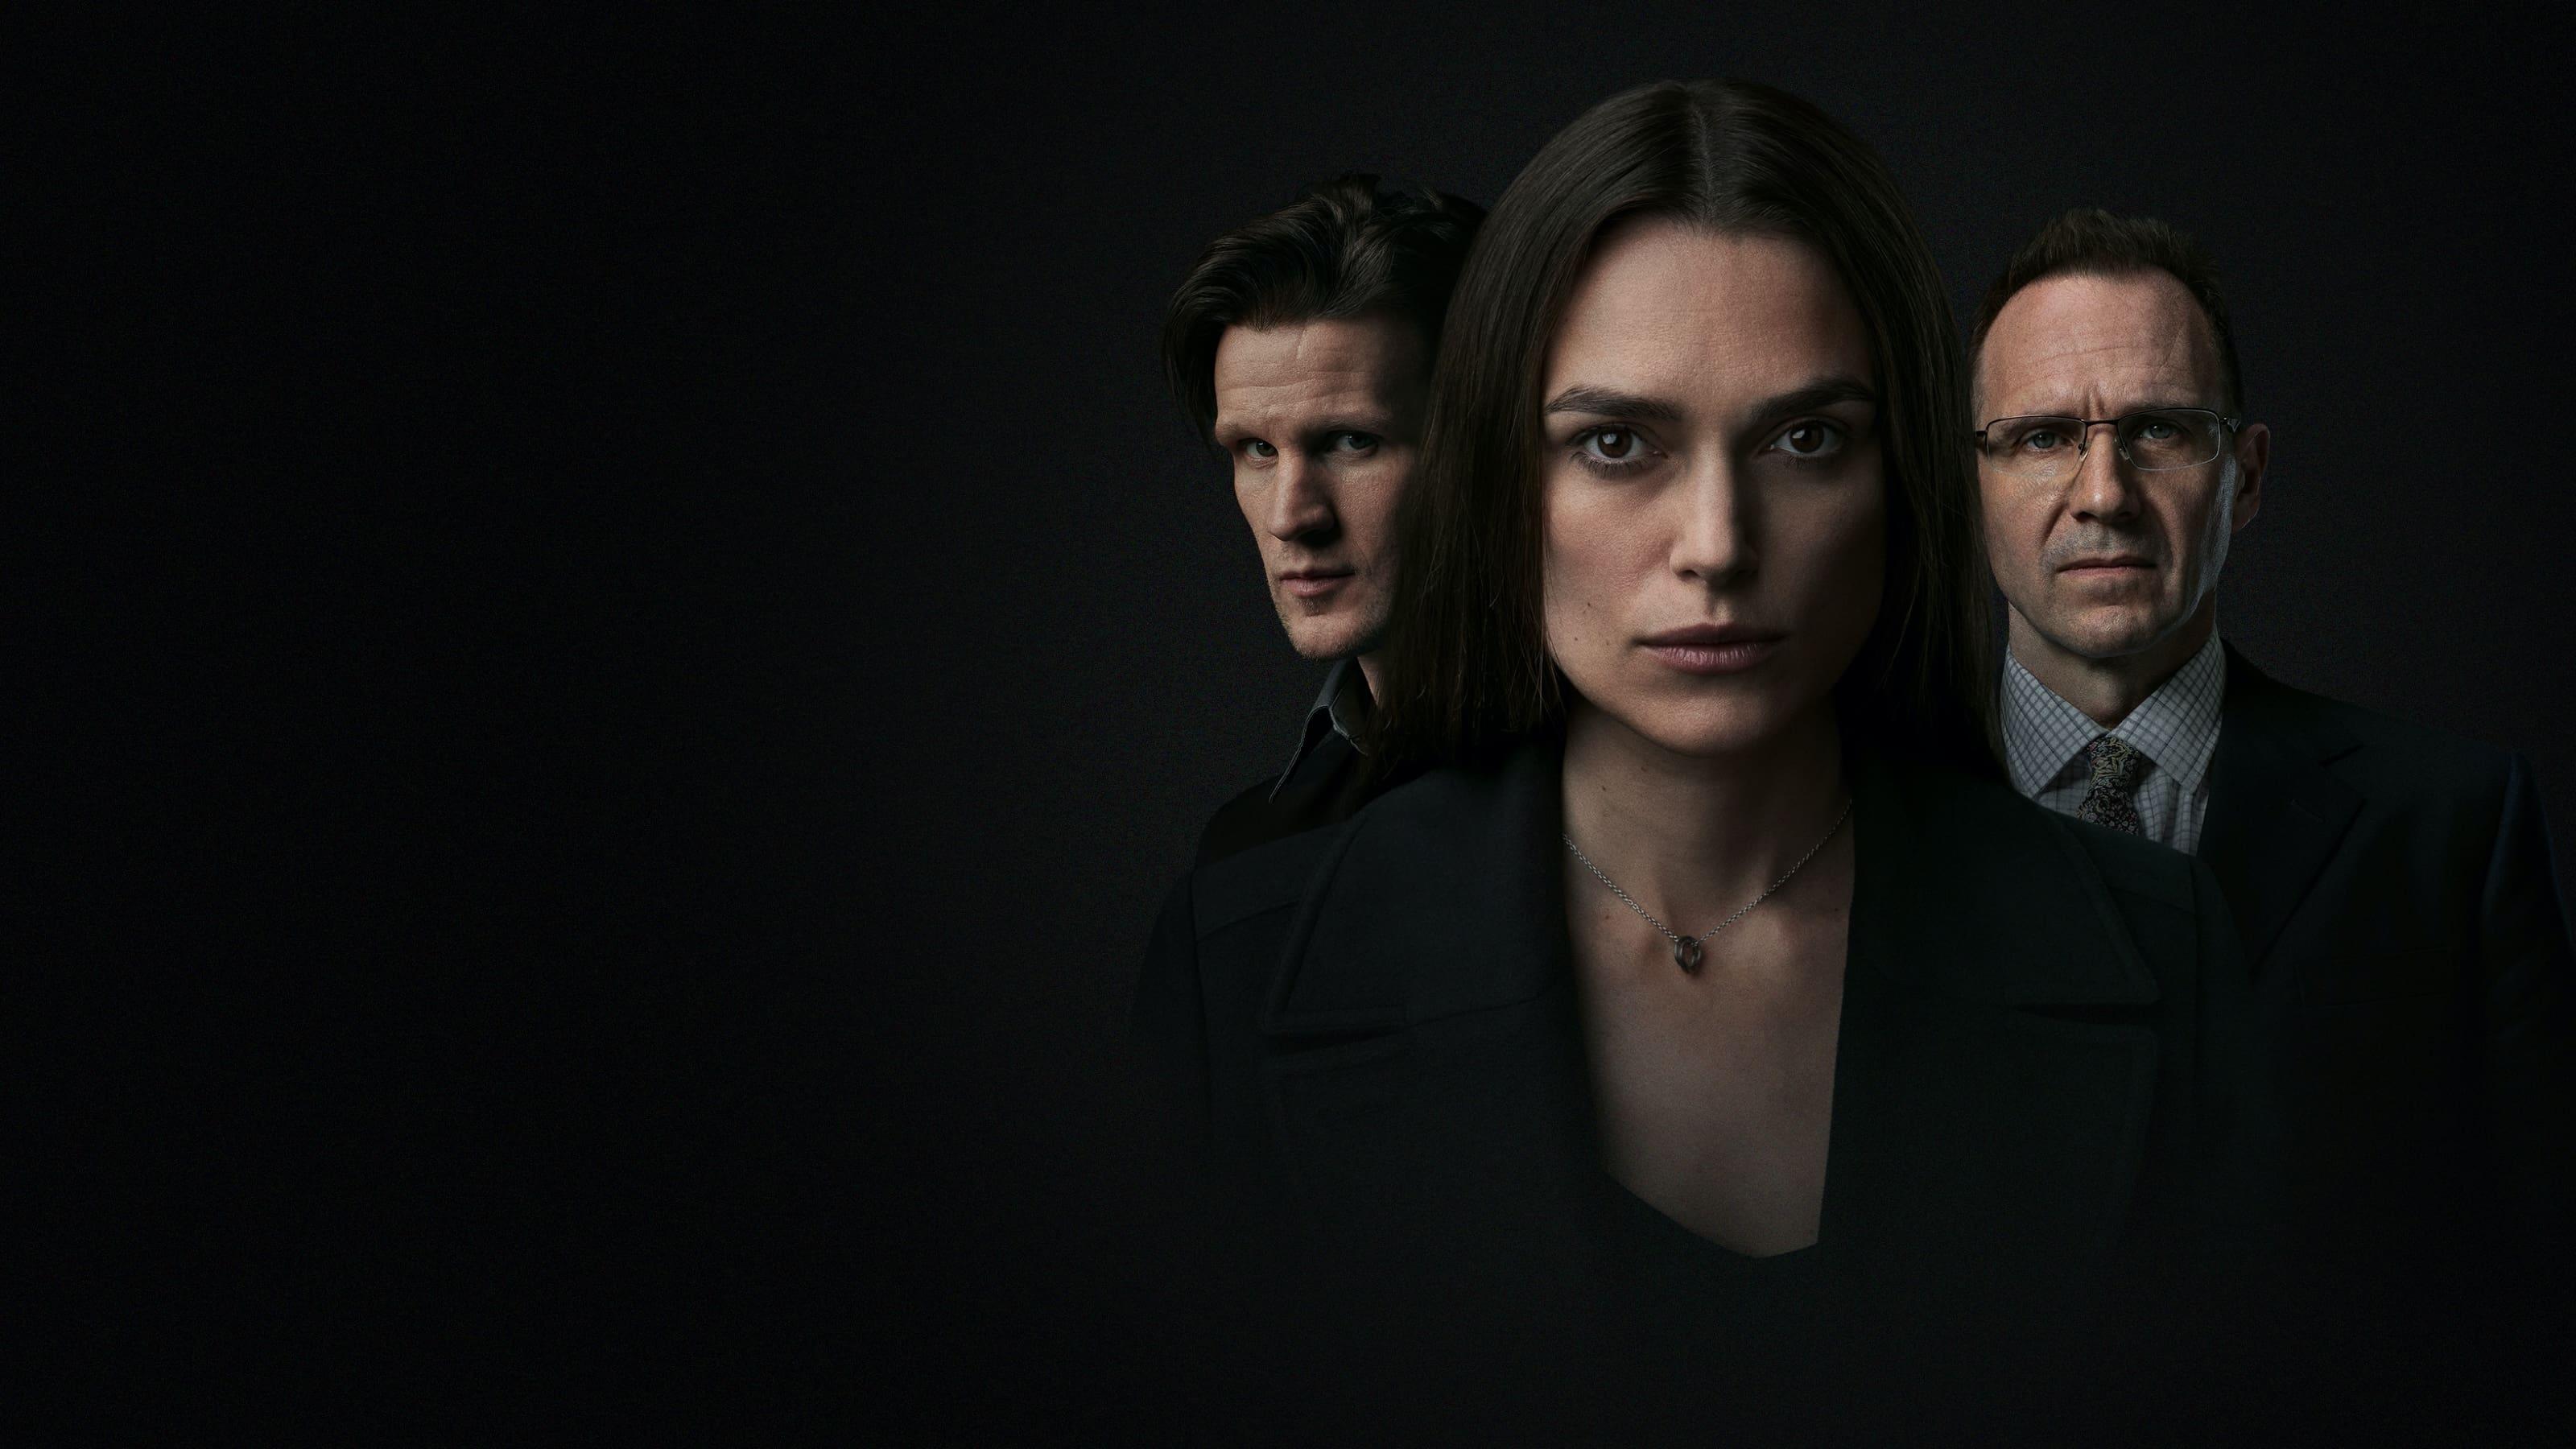 DESCARGAR Secretos de Estado (2019) pelicula completa en español latino HD